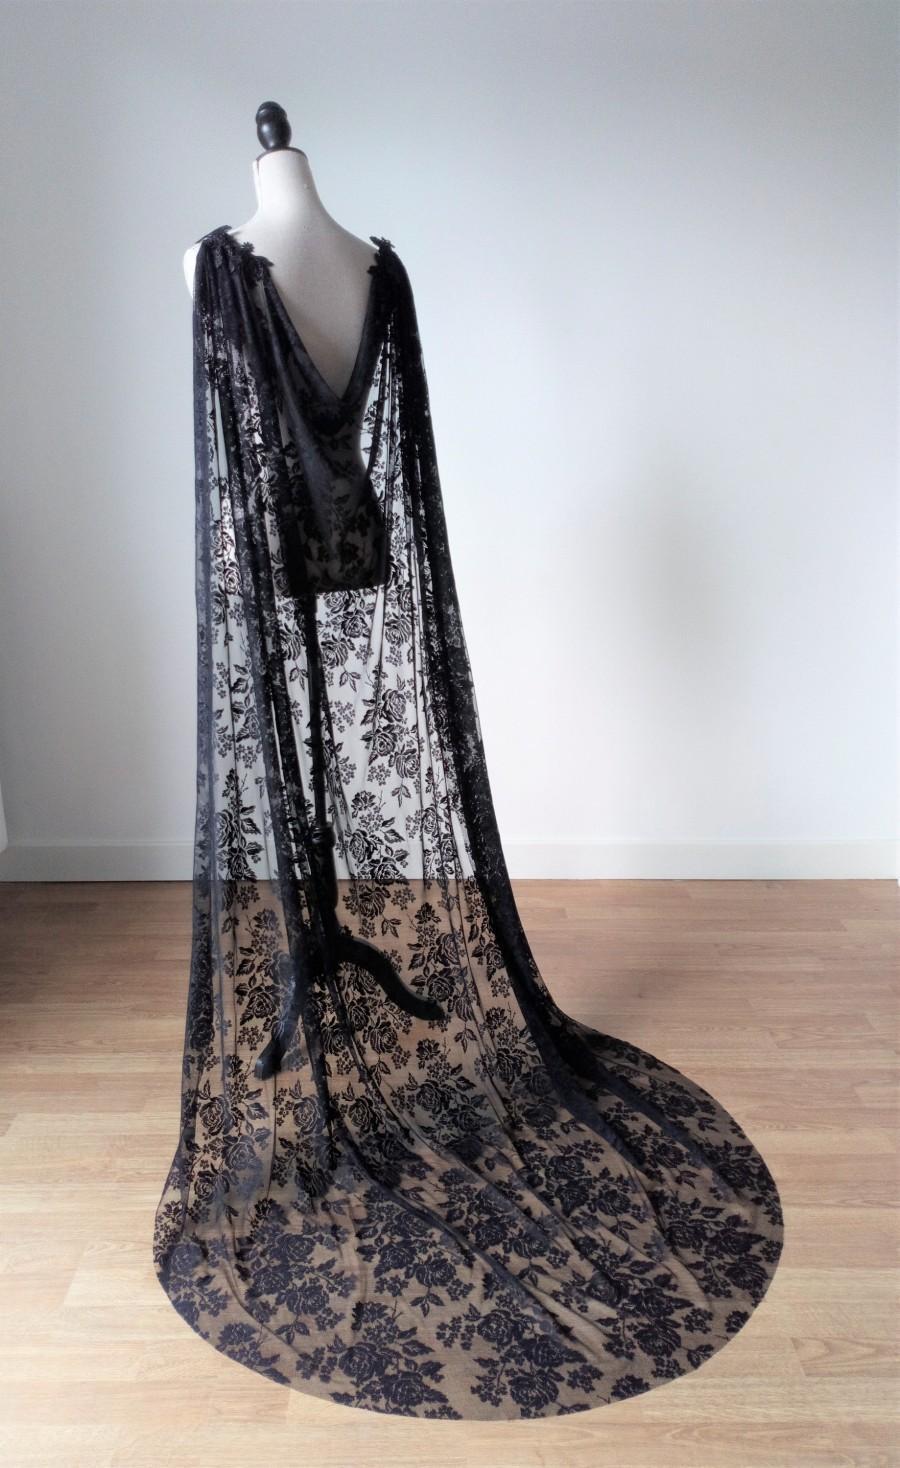 Mariage - Black Lace Gothic Cape, Black Lace Cloak, Black Wedding Cloak, Gothic Wedding Cape, Black Bridal Cape, Long Shoulder Train,Halloween Costume